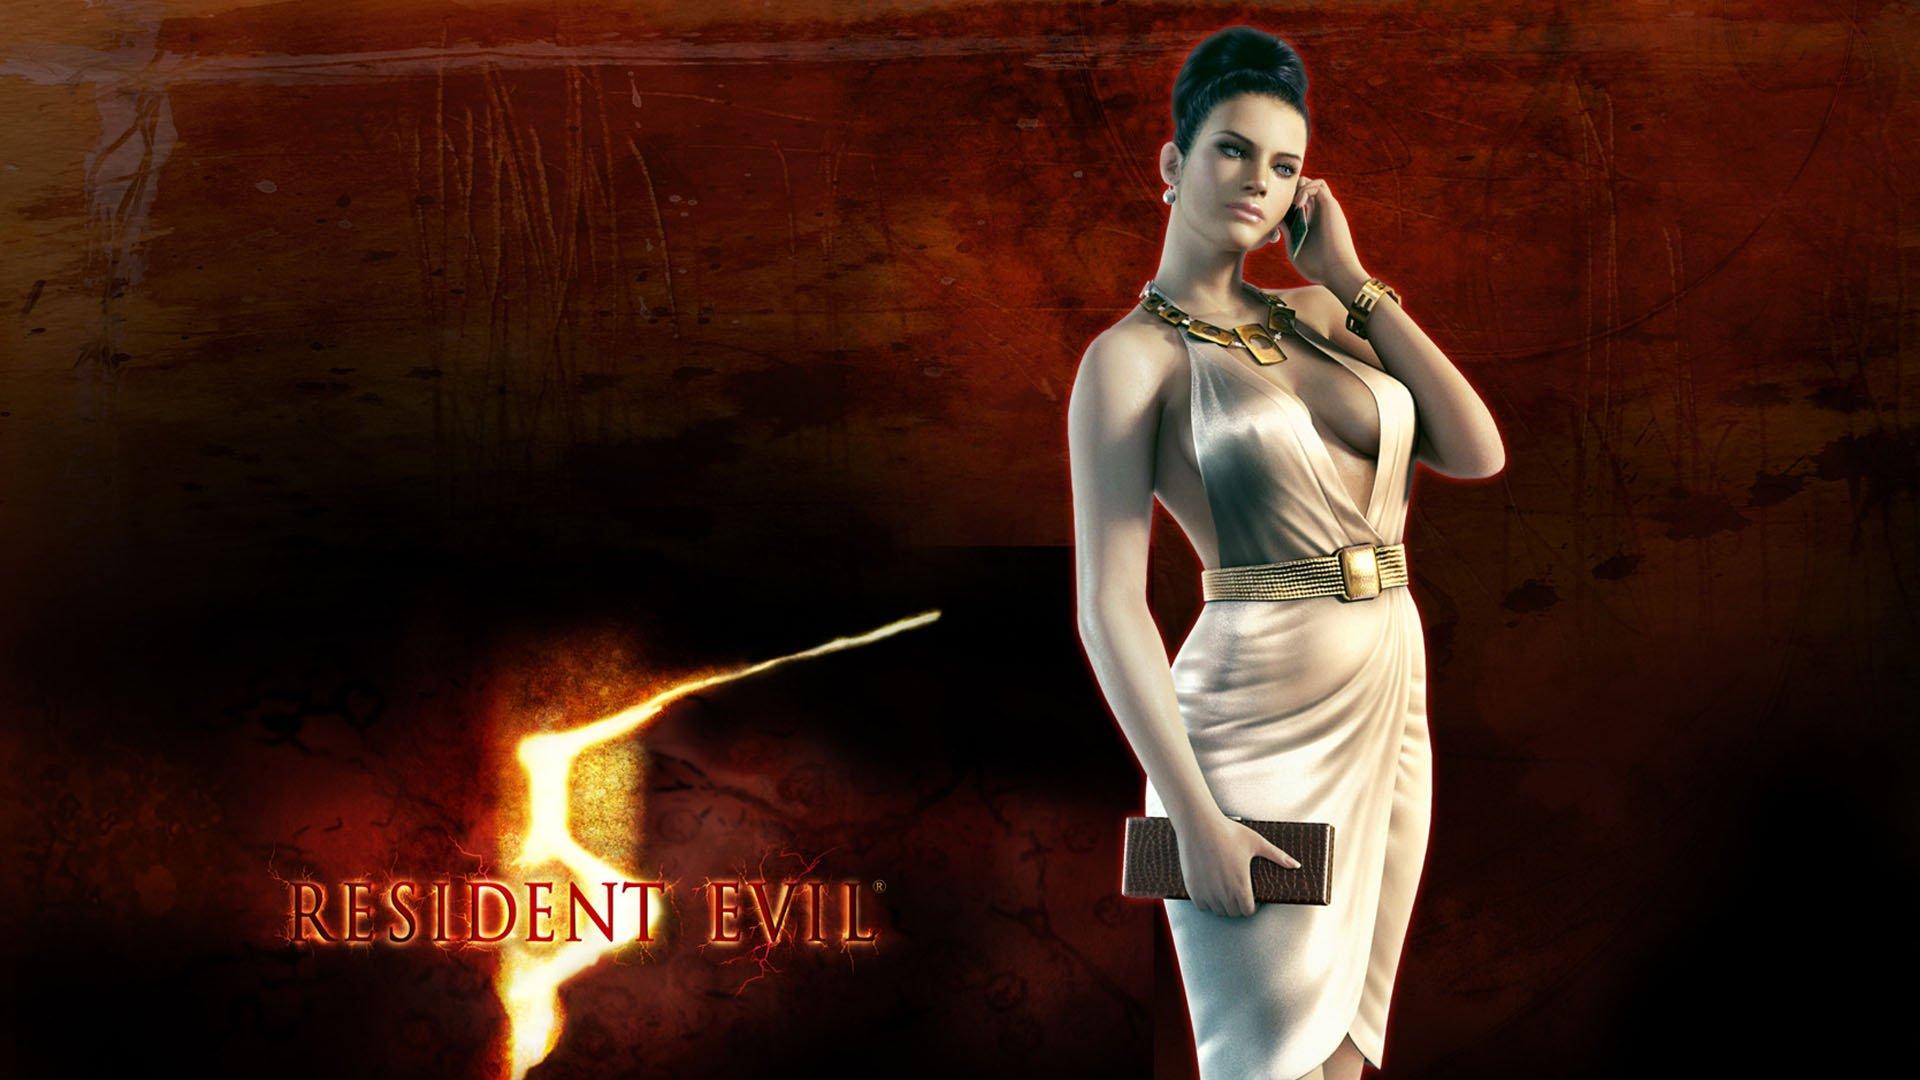 Resident-Evil-game-wallpaper-wp48010077